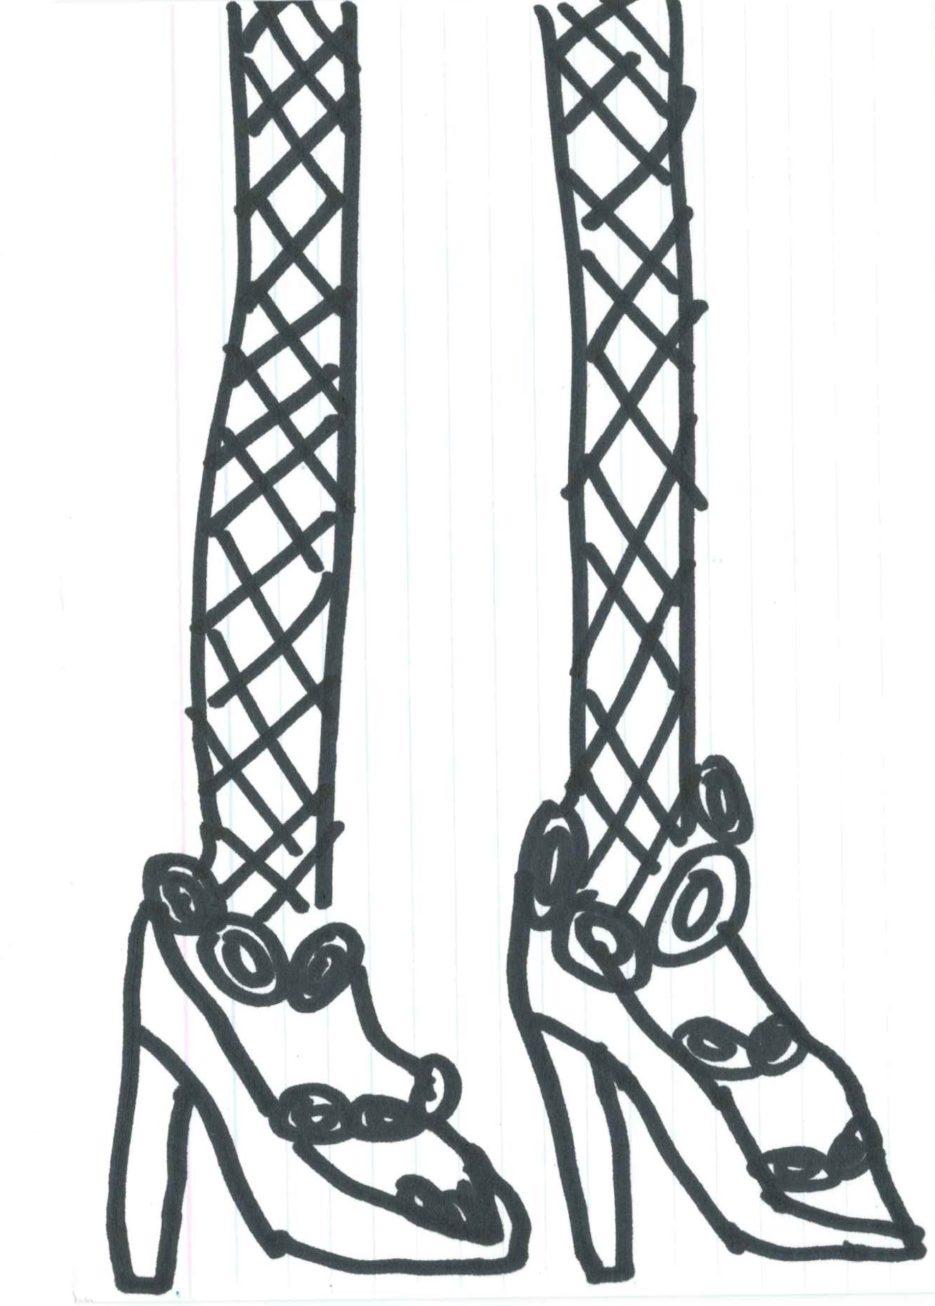 Shoes, by Georgina